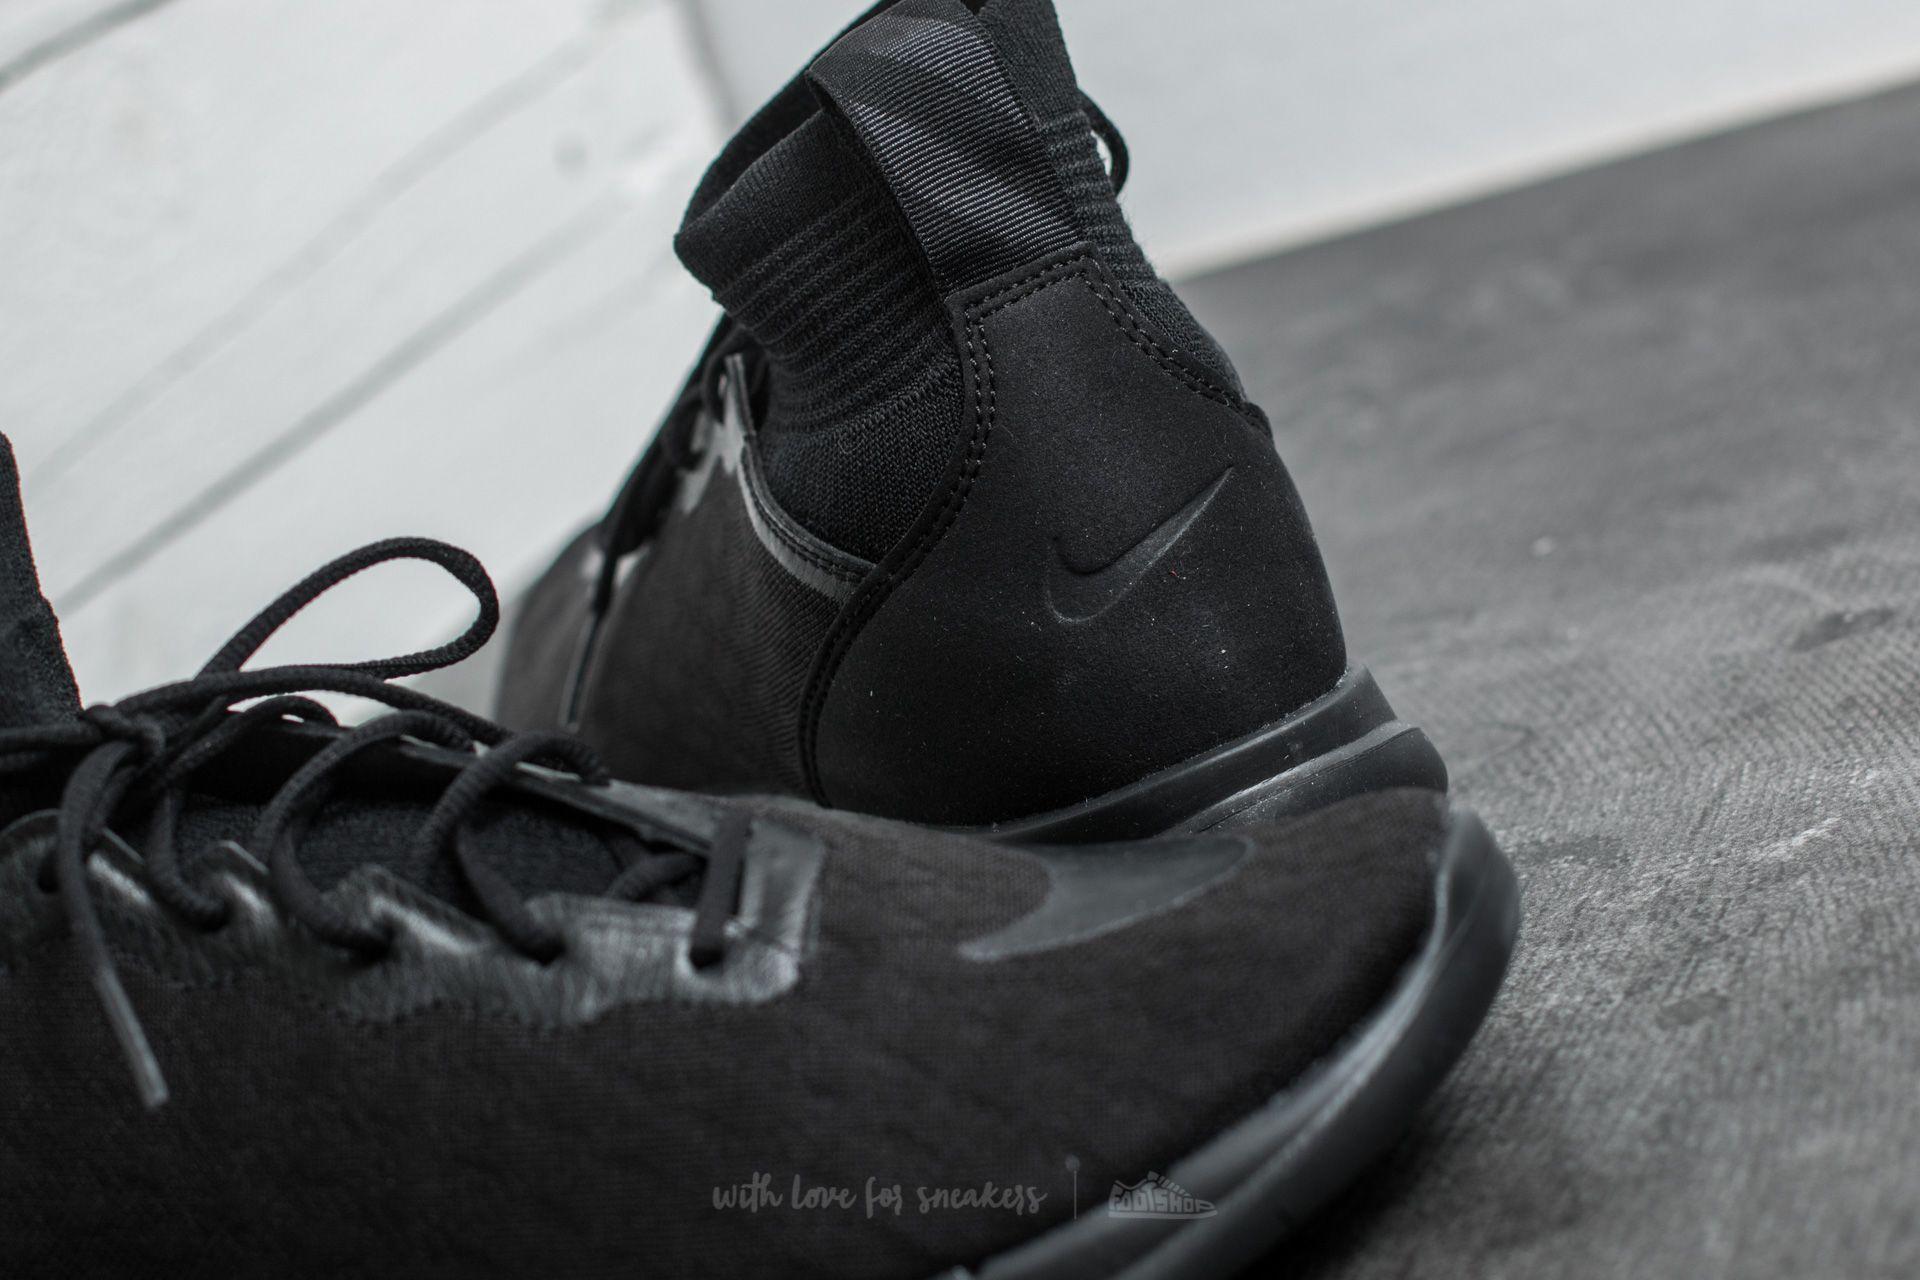 the latest 6179f b94f6 Nike Free Hypervenom 3 Flyknit Black/ Black-Anthracite ...